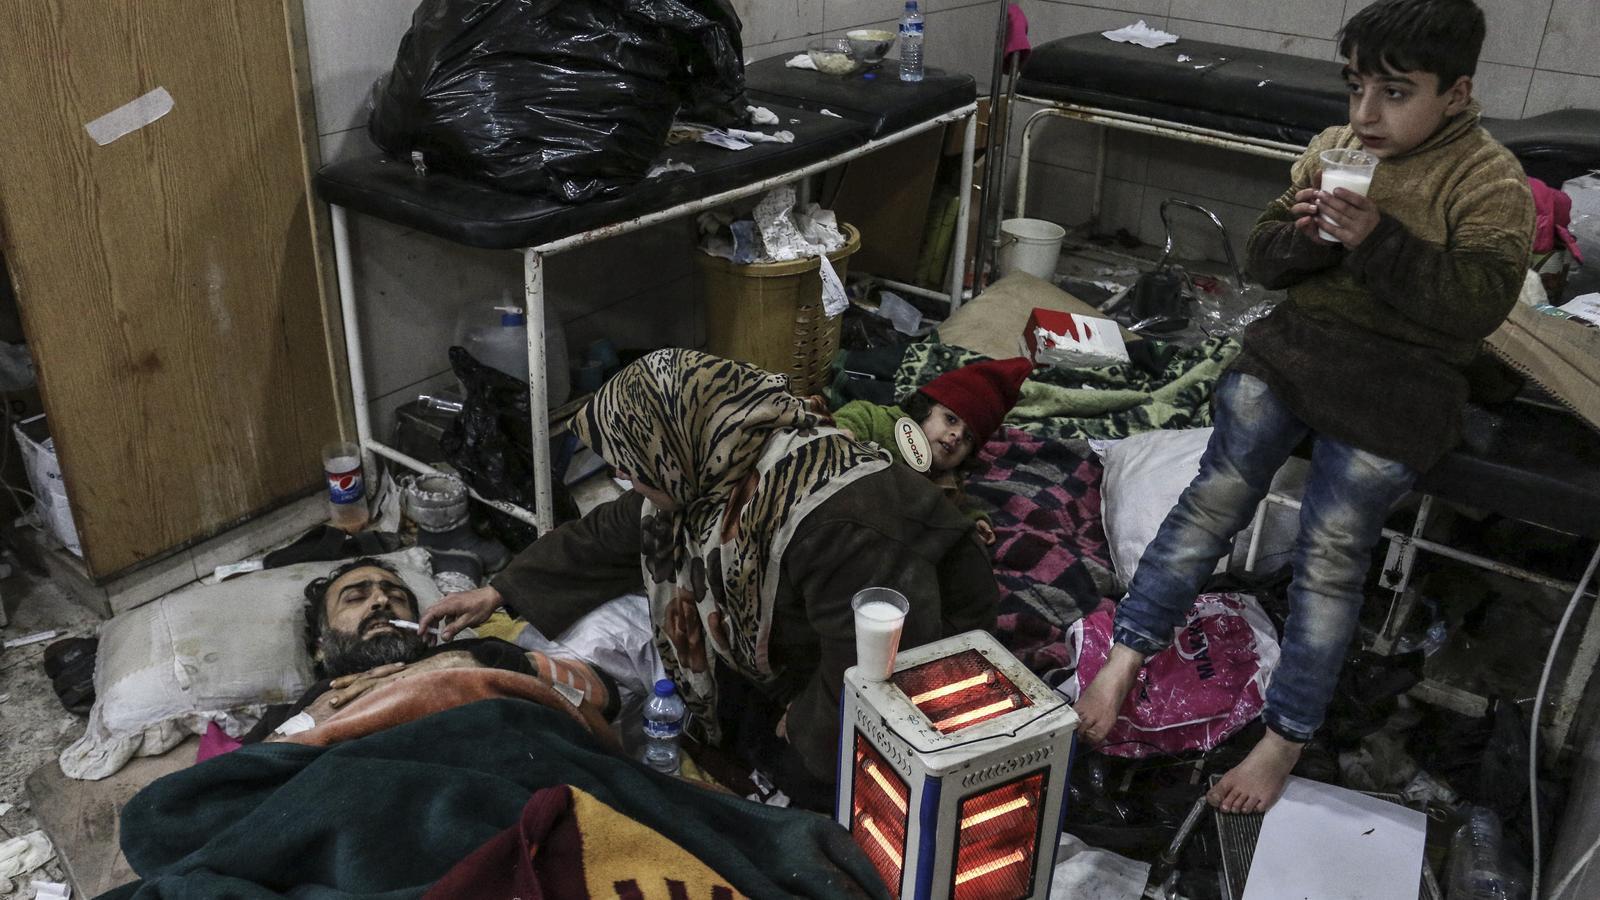 REFUGIADOS-UE II - Página 2 Familia-espera-evacuada-hospitals-queden_1708639367_36119127_540x306